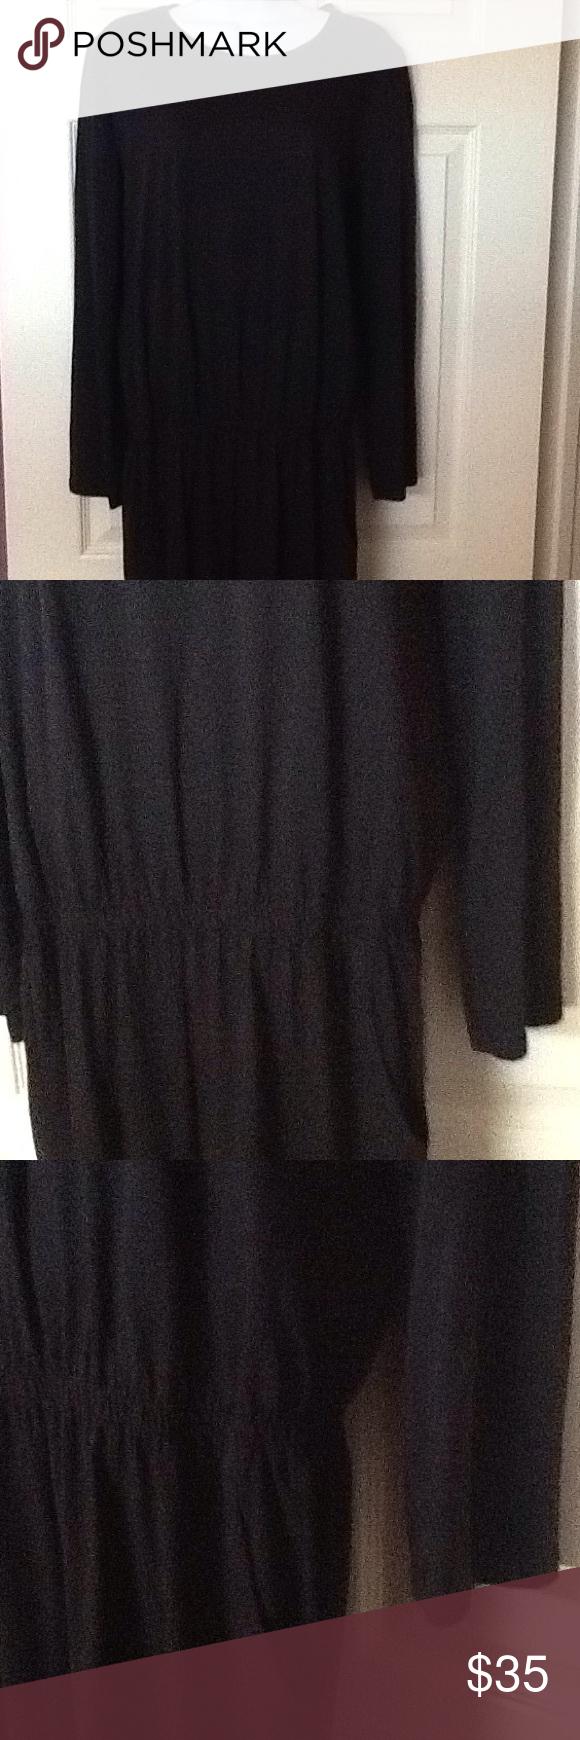 6803d193357 Zara Size M washable cotton black jumpsuit In excellent condition Zara Size  M washable cotton black jumpsuit with long sleeves